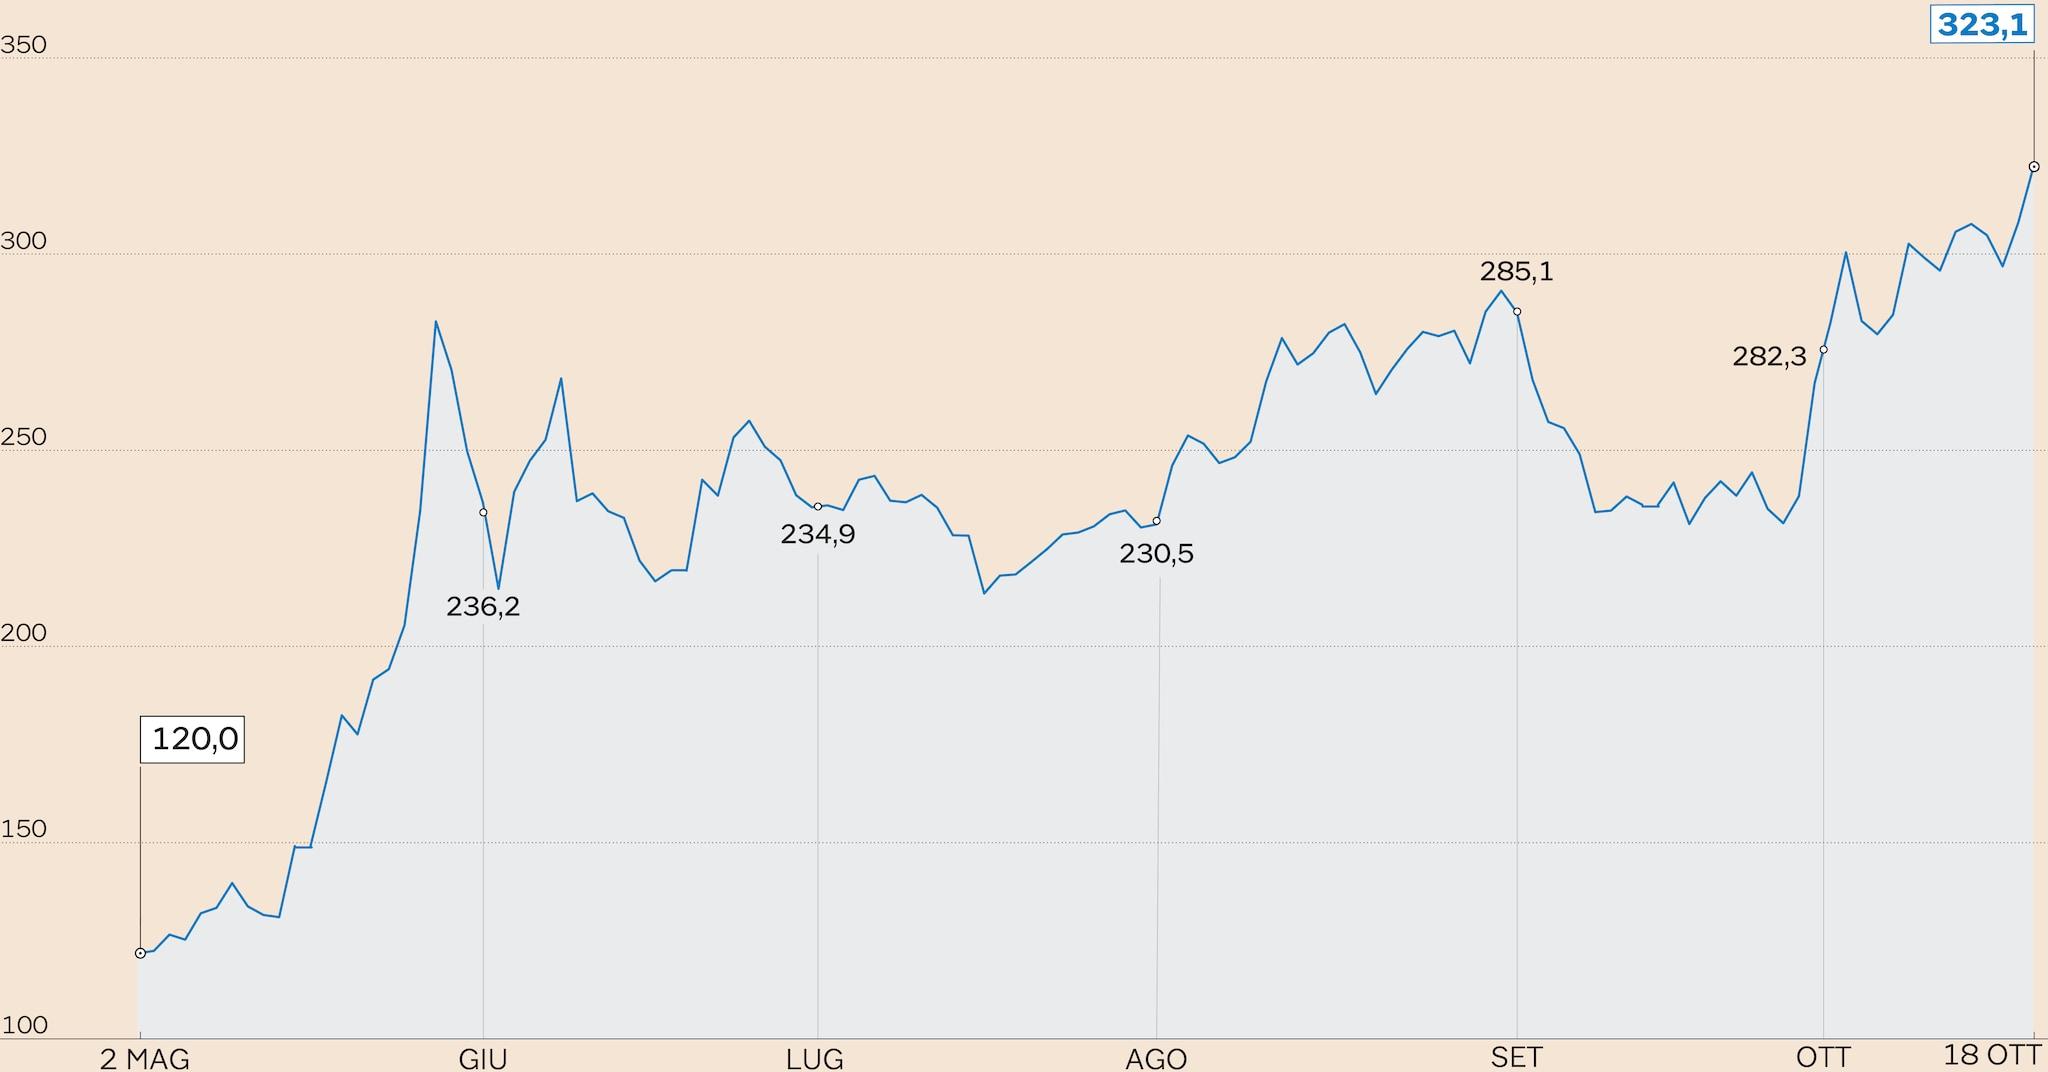 fc5502c2ad Lo spread sfonda quota 320: lo scontro con la Ue costa 200 punti ...